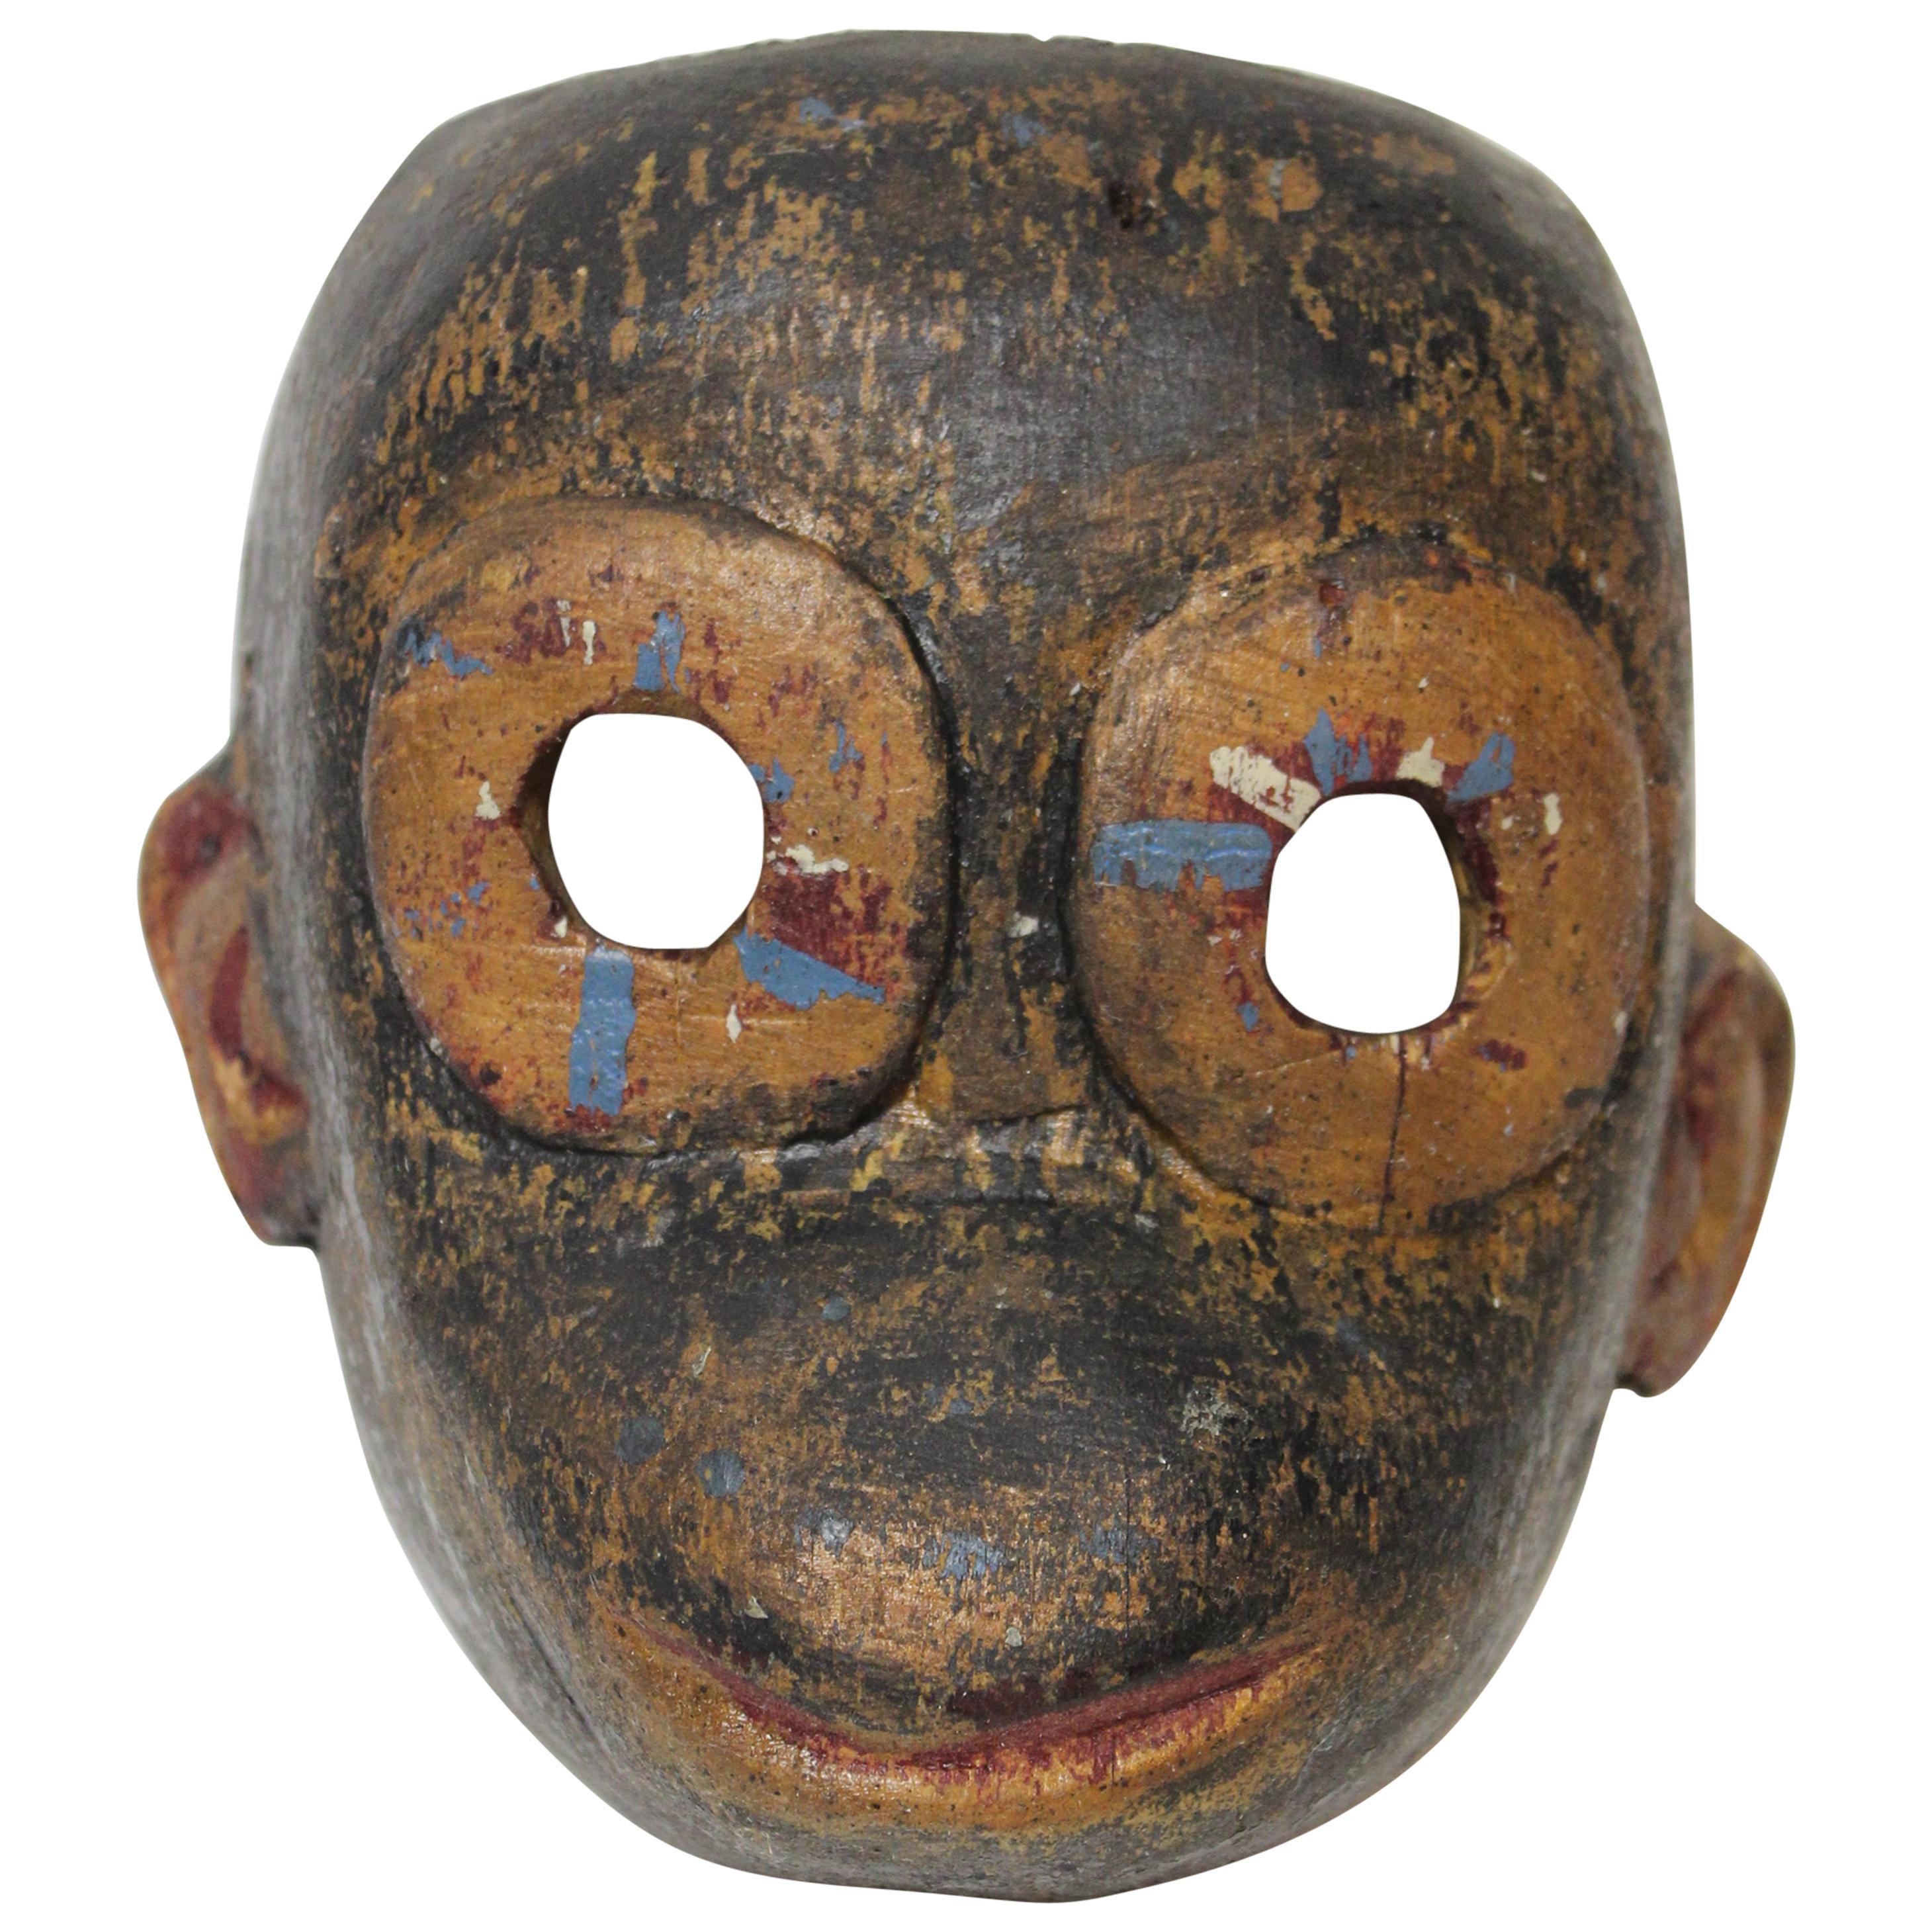 Wood Monkey Mask